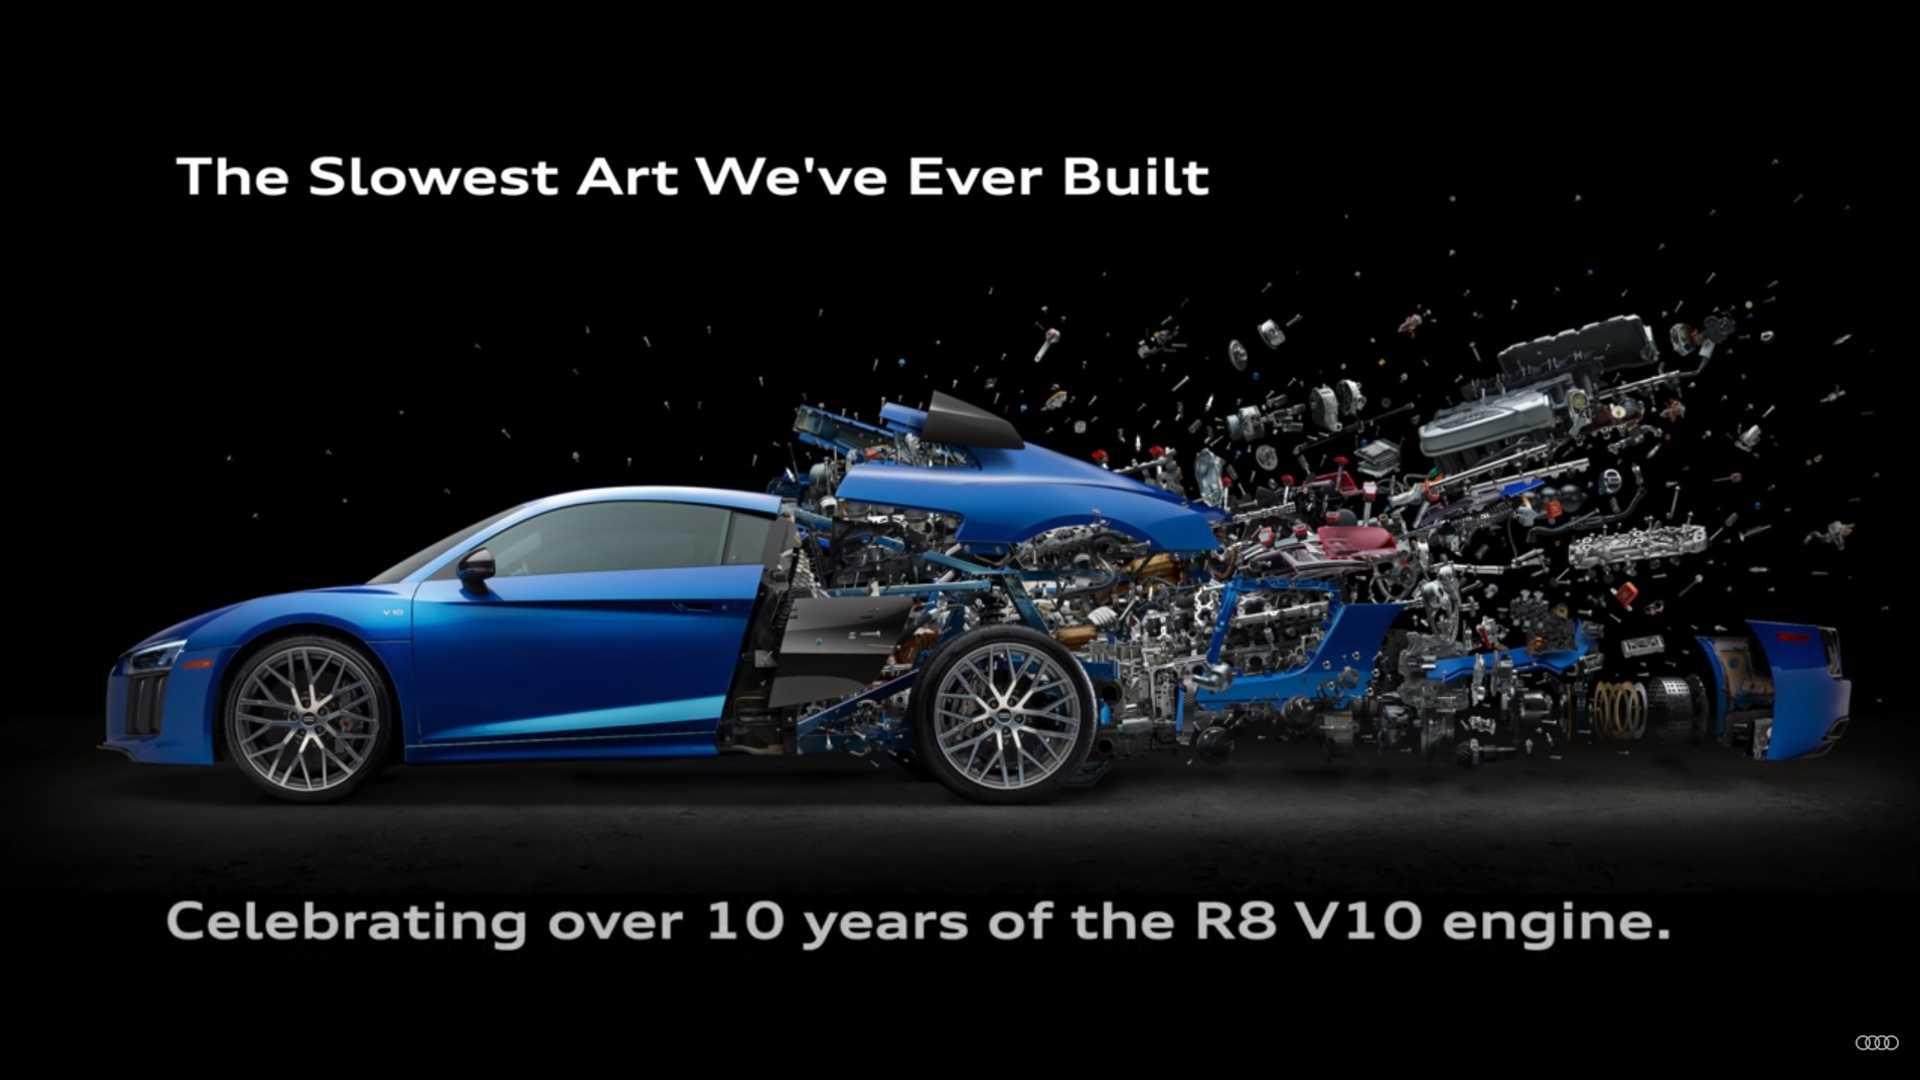 Audi R8 Parçalarının Sanat Eserine Dönüştüğü Poster